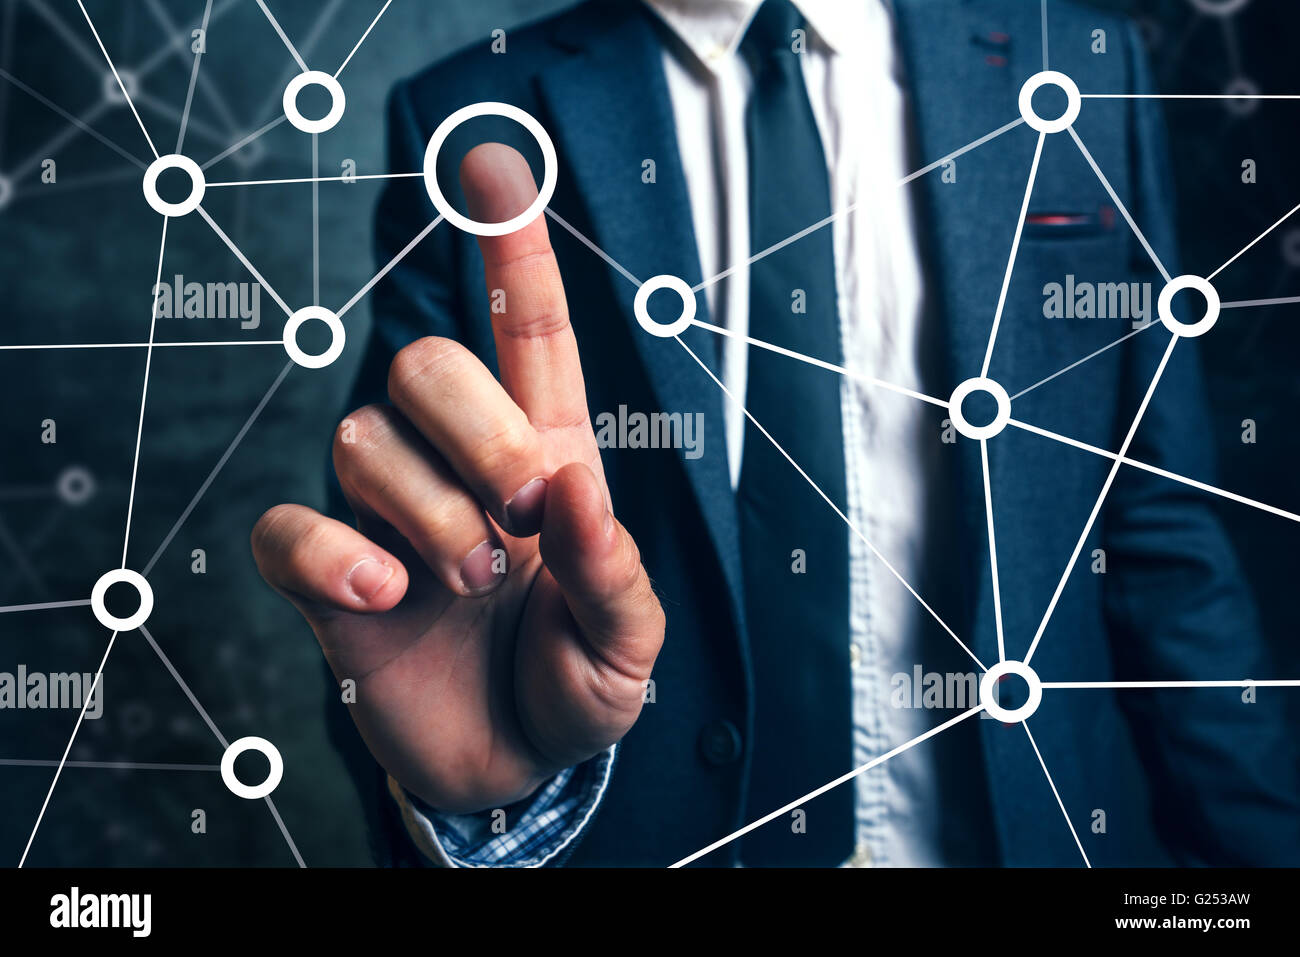 Empresario conectando los puntos en la gestión de proyectos empresariales, redes sociales o de trabajo en equipo Imagen De Stock